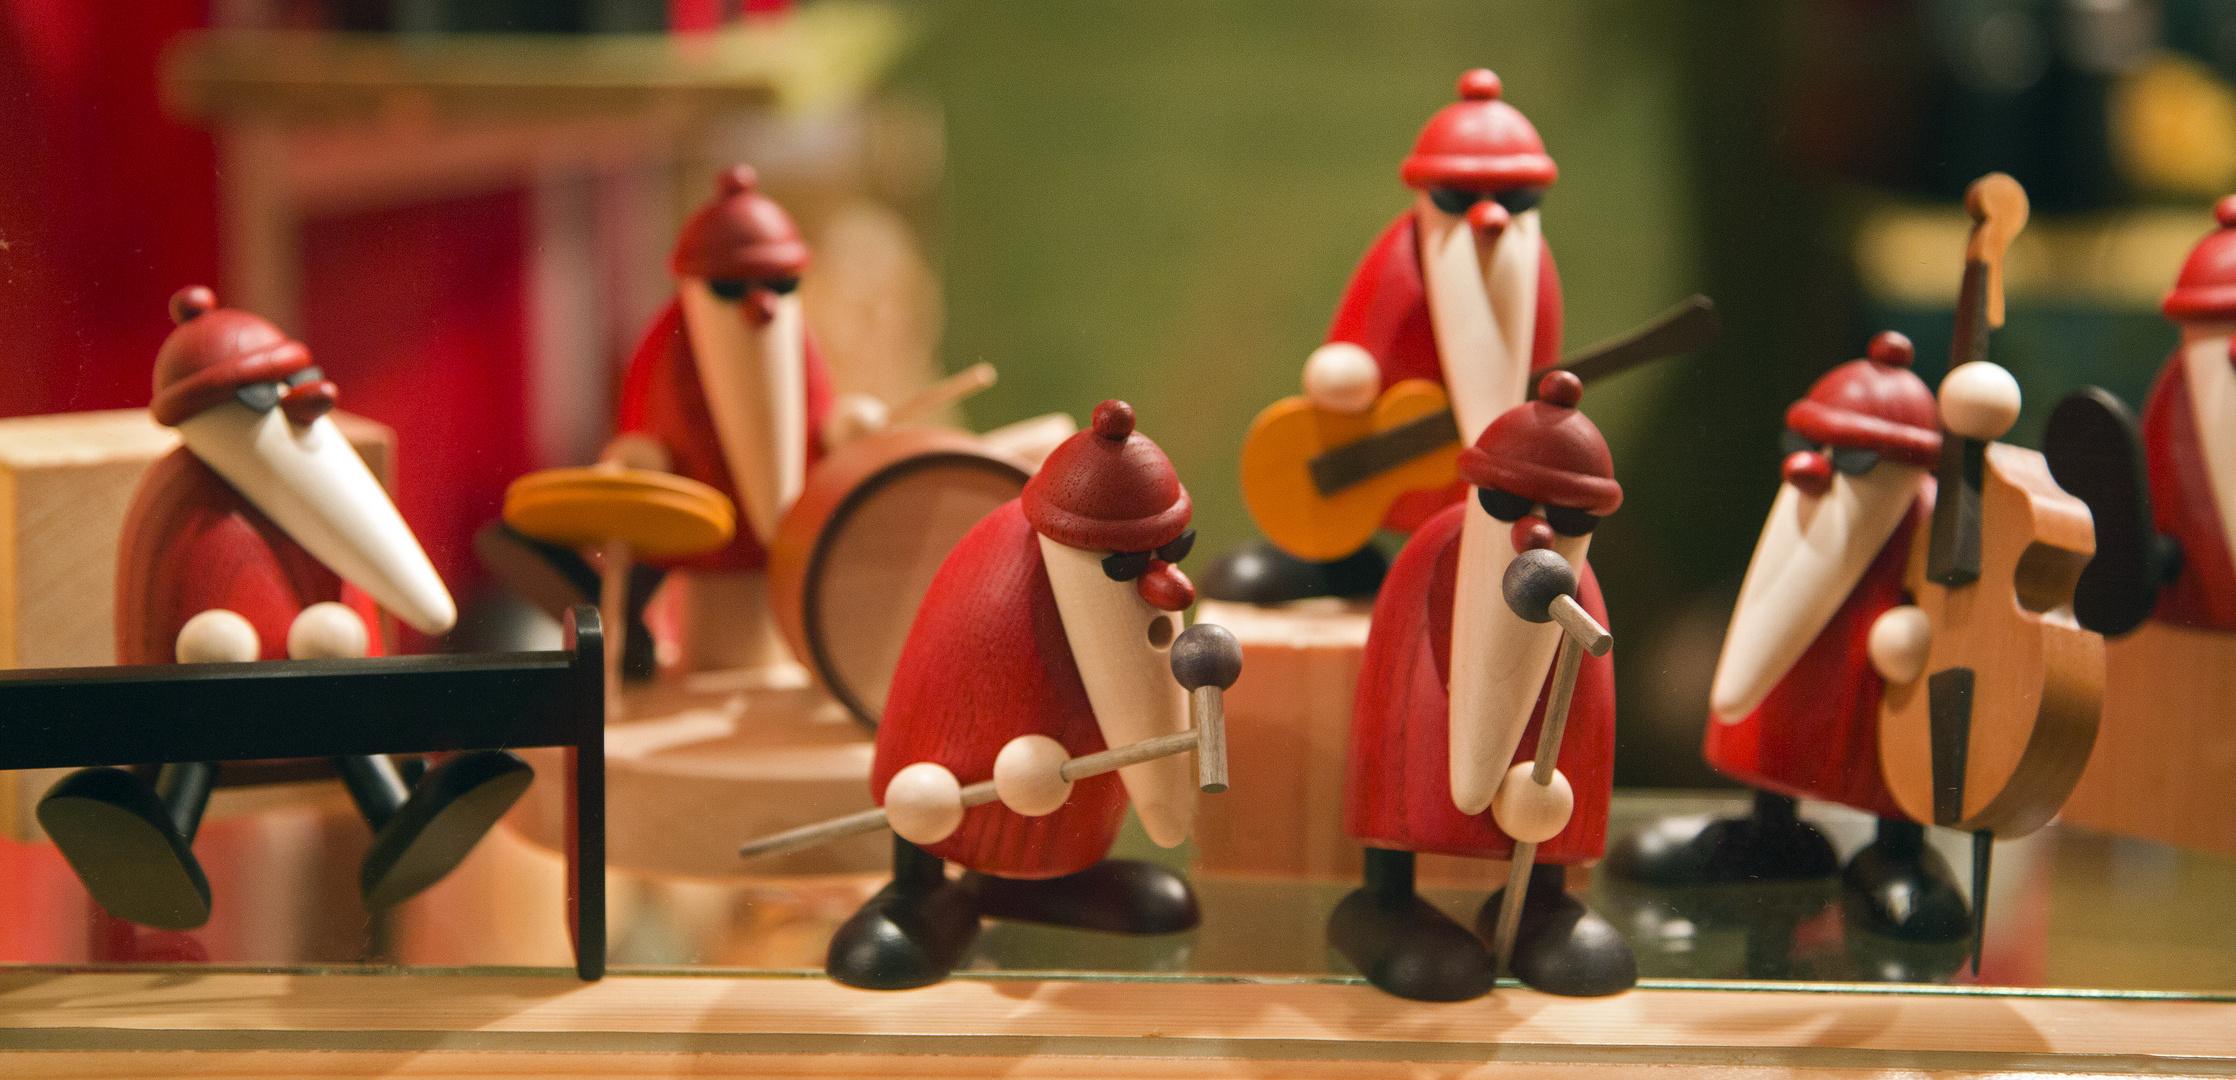 Christmas now!!! We salute you!!!